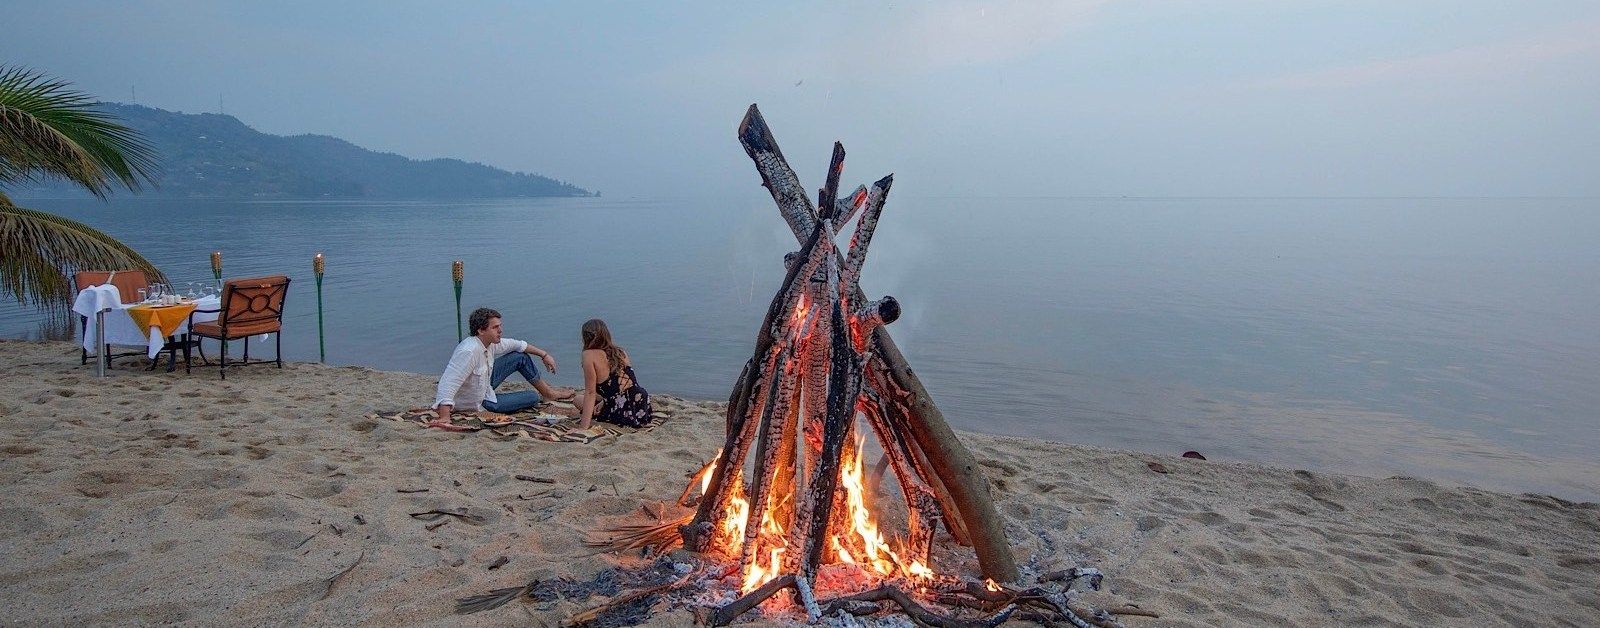 waterside-dining-lake-kivu